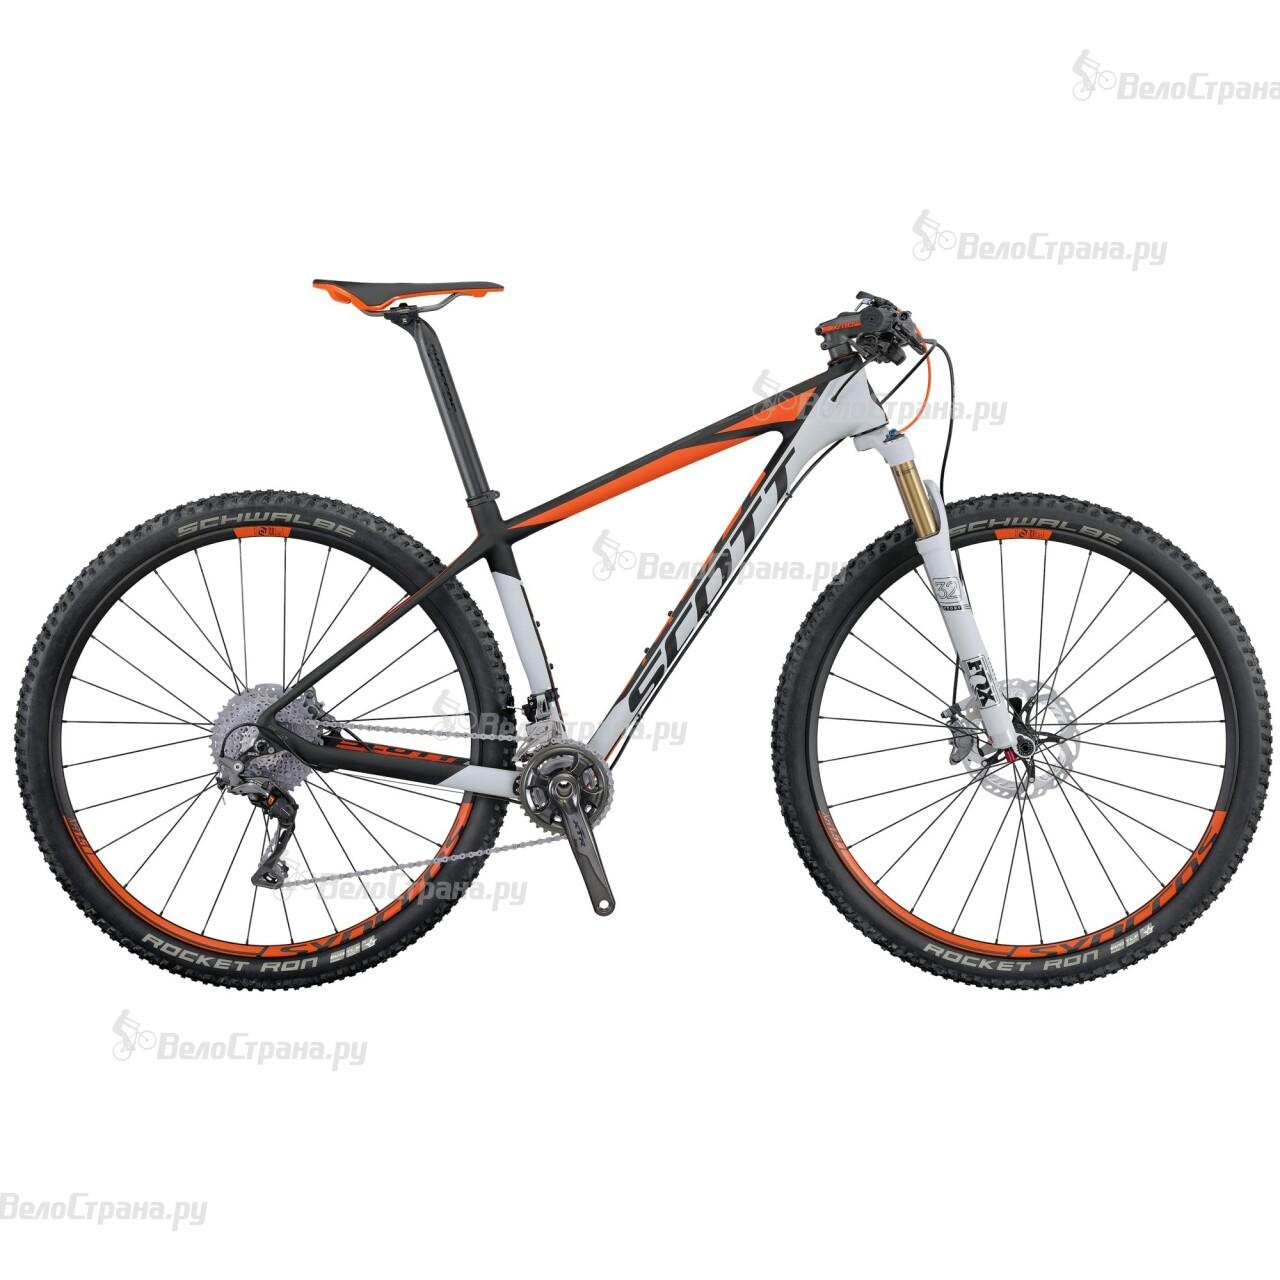 Велосипед Scott Scale 900 Premium (2016)